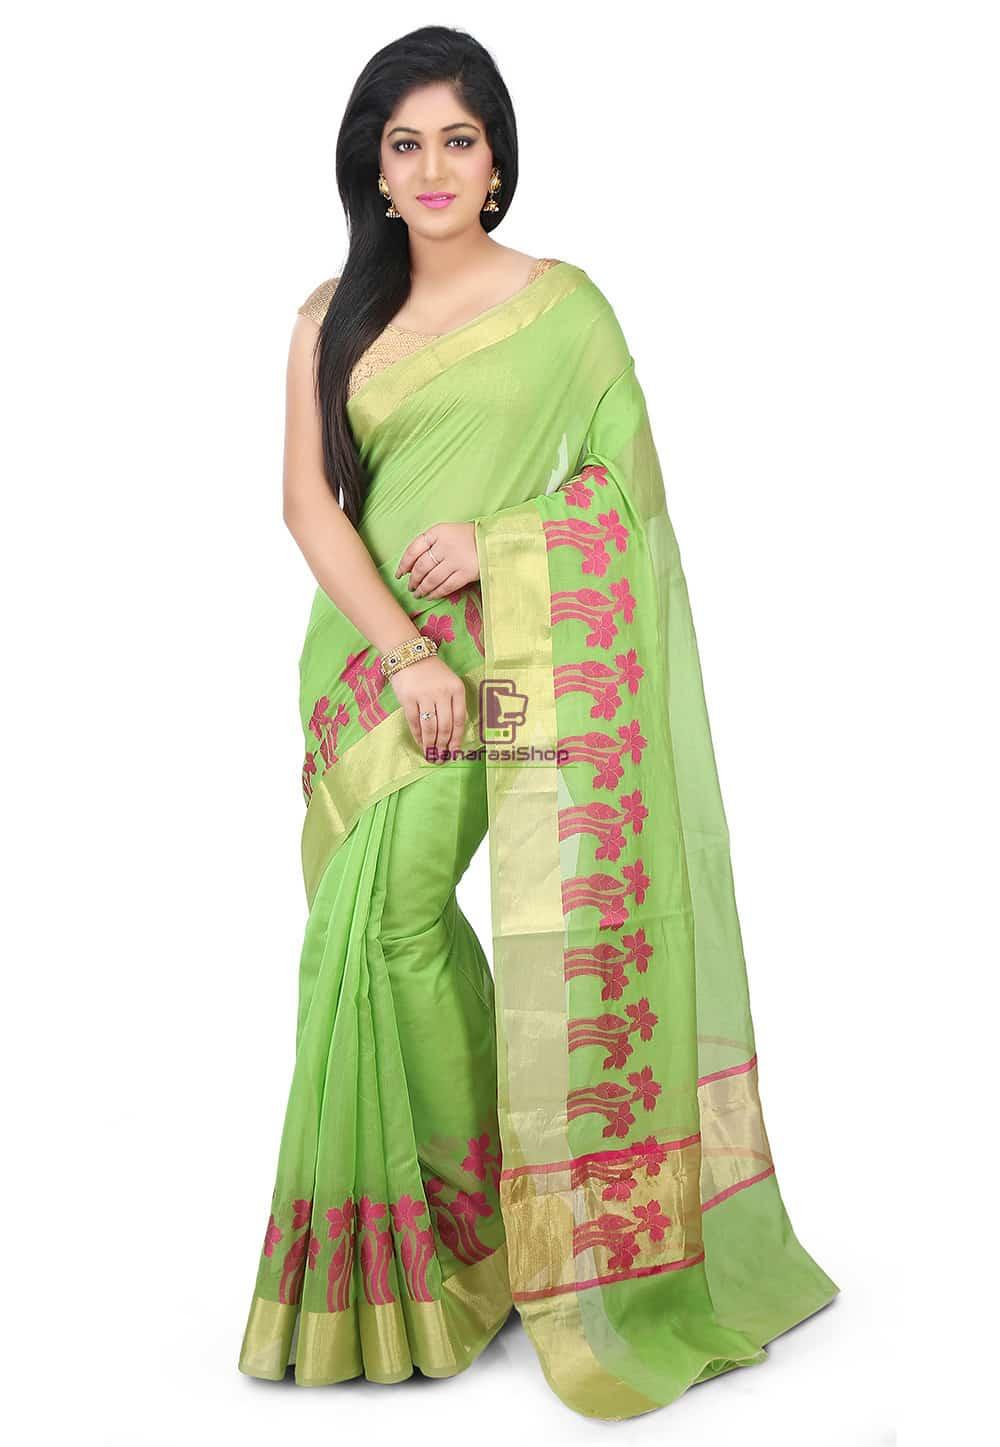 Woven Banarasi Chanderi Silk Saree in Light Green 1